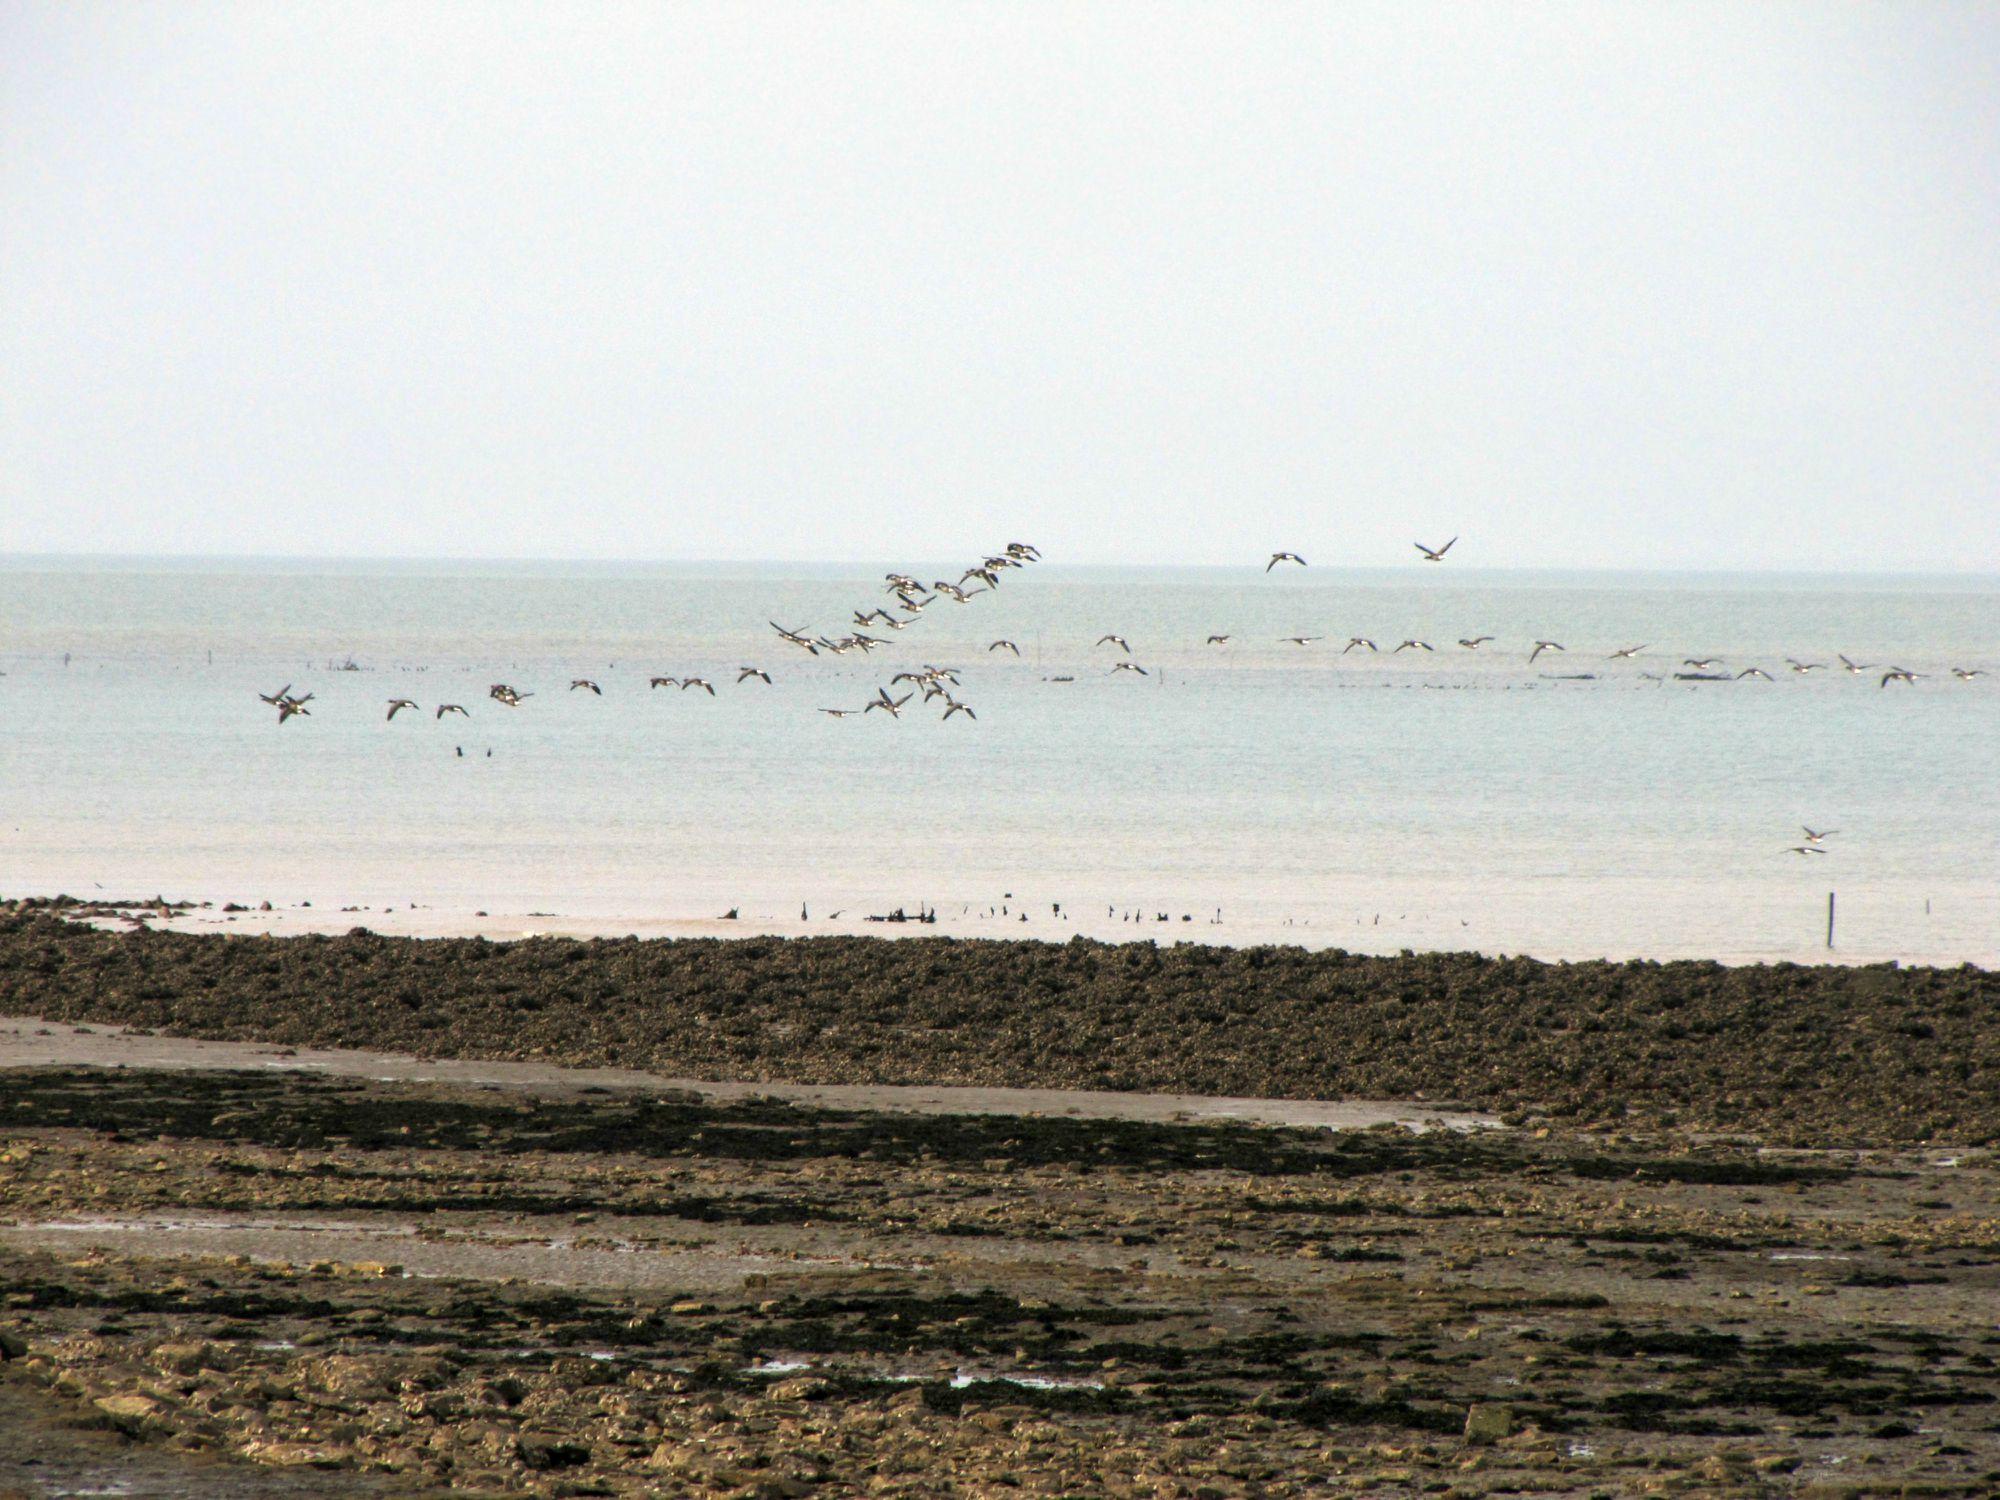 Oiseaux ile de re foto Mo2 (30)-h1500